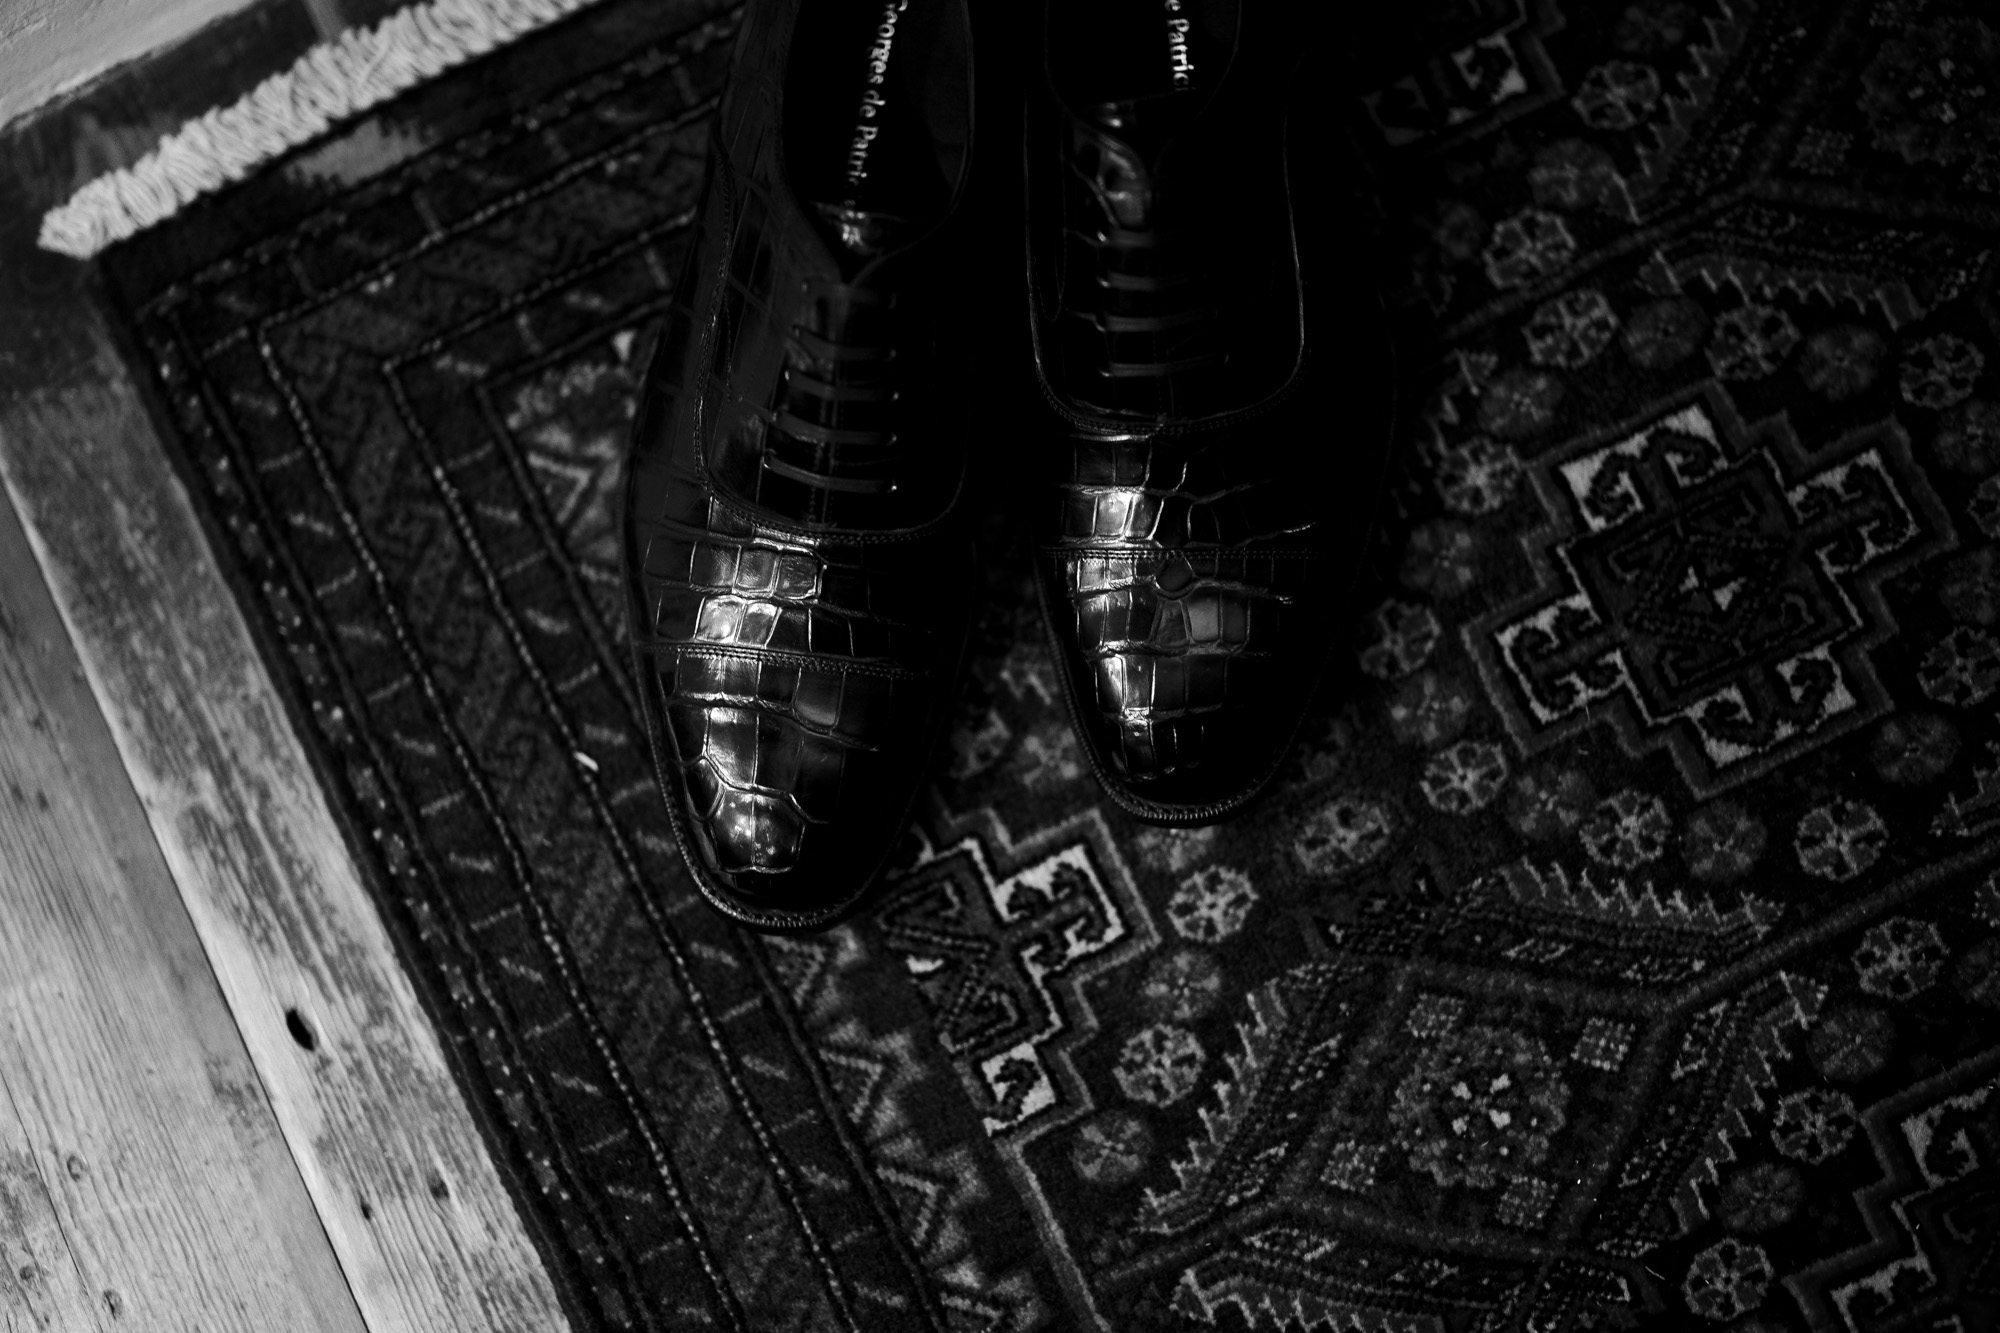 Georges de Patriciaジョルジュドパトリシア Zagato Crocodile ザガートクロコダイル 925 STERLING SILVER 925スターリングシルバー Crocodile クロコダイル エキゾチックレザー ストレートチップシューズ NOIR ブラック 2021 愛知 名古屋 Alto e Diritto アルトエデリット ドレスシューズ